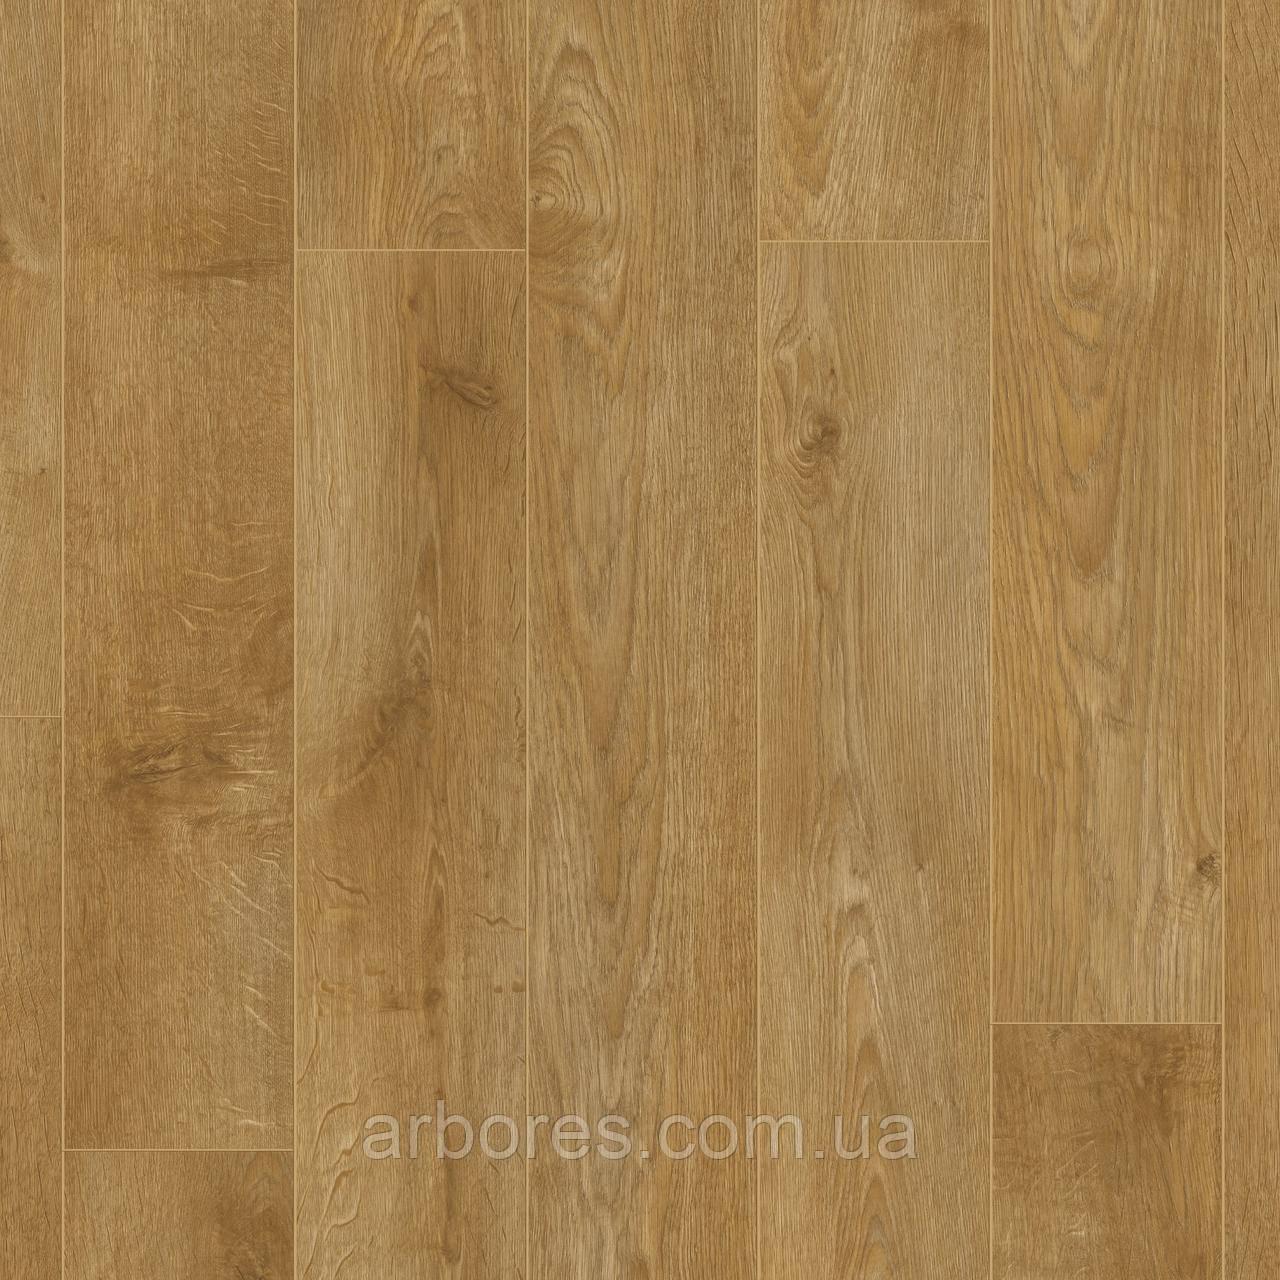 Винил Loc Floor LOC 32 click LOCL 40065 Дуб королевский, натуральный рустик